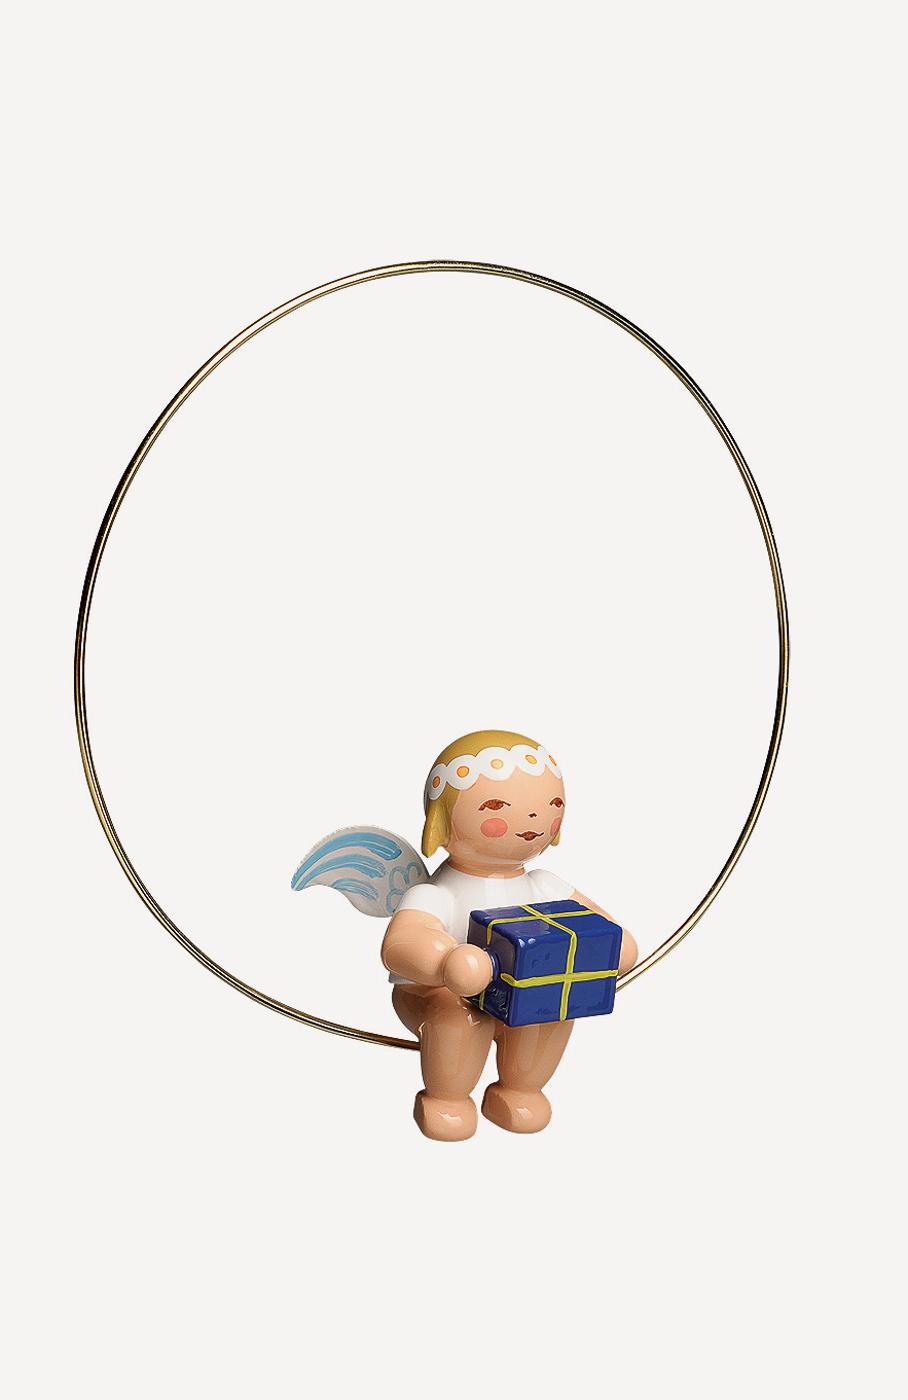 Christbaumengel im Ring, mit Geschenk